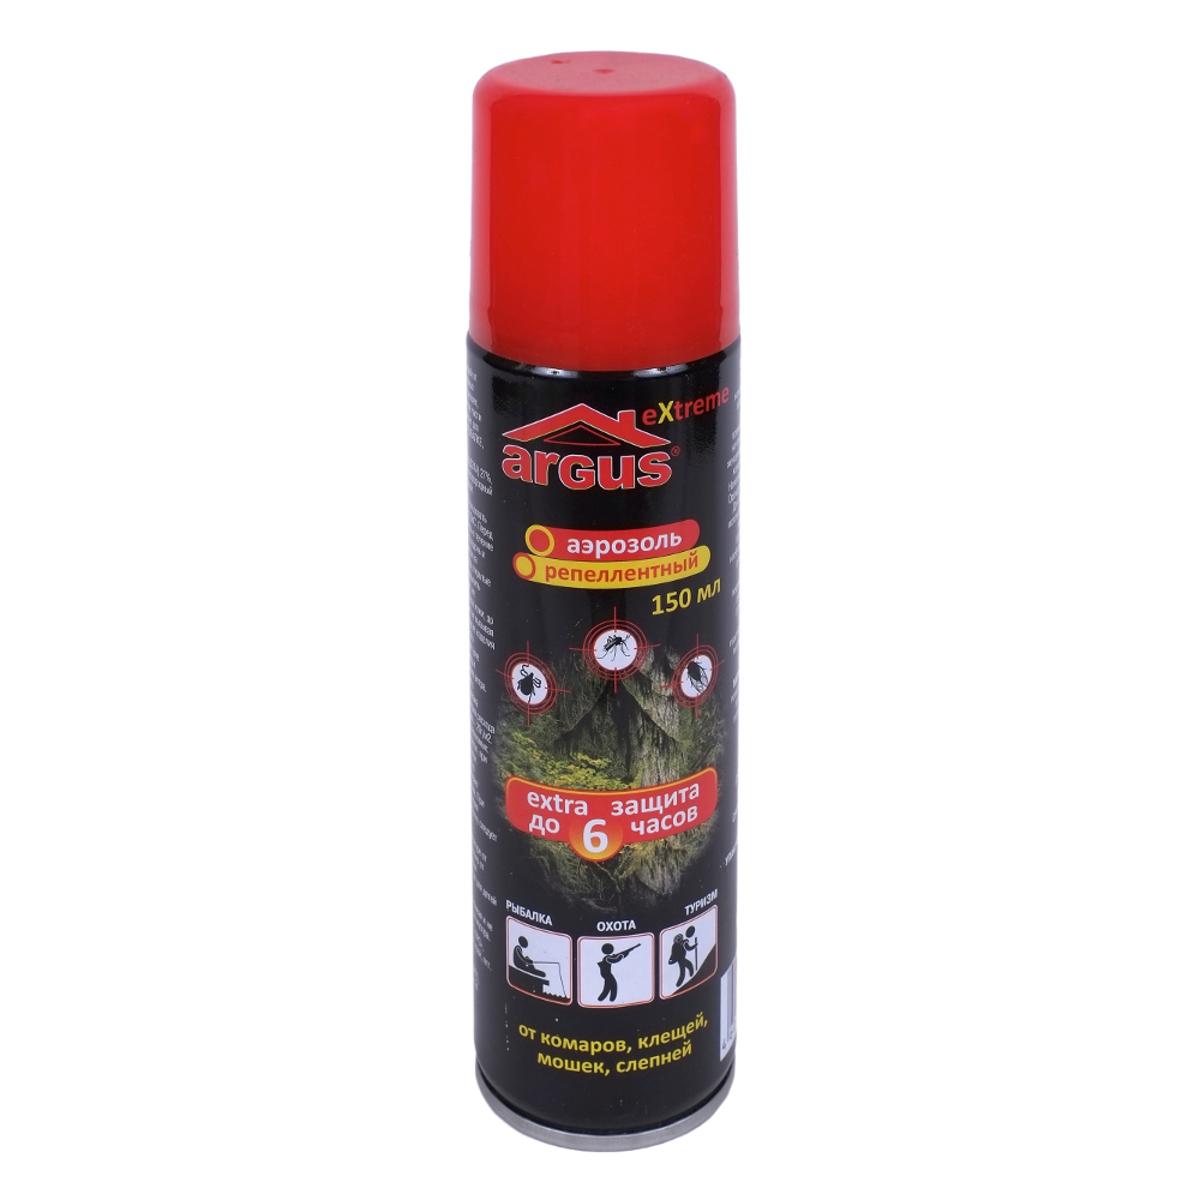 Аэрозоль репеллентный против насекомых Argus, 150 мл155 4часаРепеллентный аэрозоль Argus применяется для защиты людей от нападения кровососущих насекомых (комаров, мокрецов, москитов, мошки, слепней) при нанесении на открытые части тела. Изделие идеально подойдет для защиты от насекомых в экстремальных условиях: на рыбалке, охоте, отдыхе, в лесу, в тайге, в горах, в районах с повышенной влажностью. Действие продолжается до 6 часов.Состав: N,N-диэтилтолуамид (ДЭТА) 27%, пропиленгликоль, отдушка, углеводородный пропеллент, спирт изопропиловый.